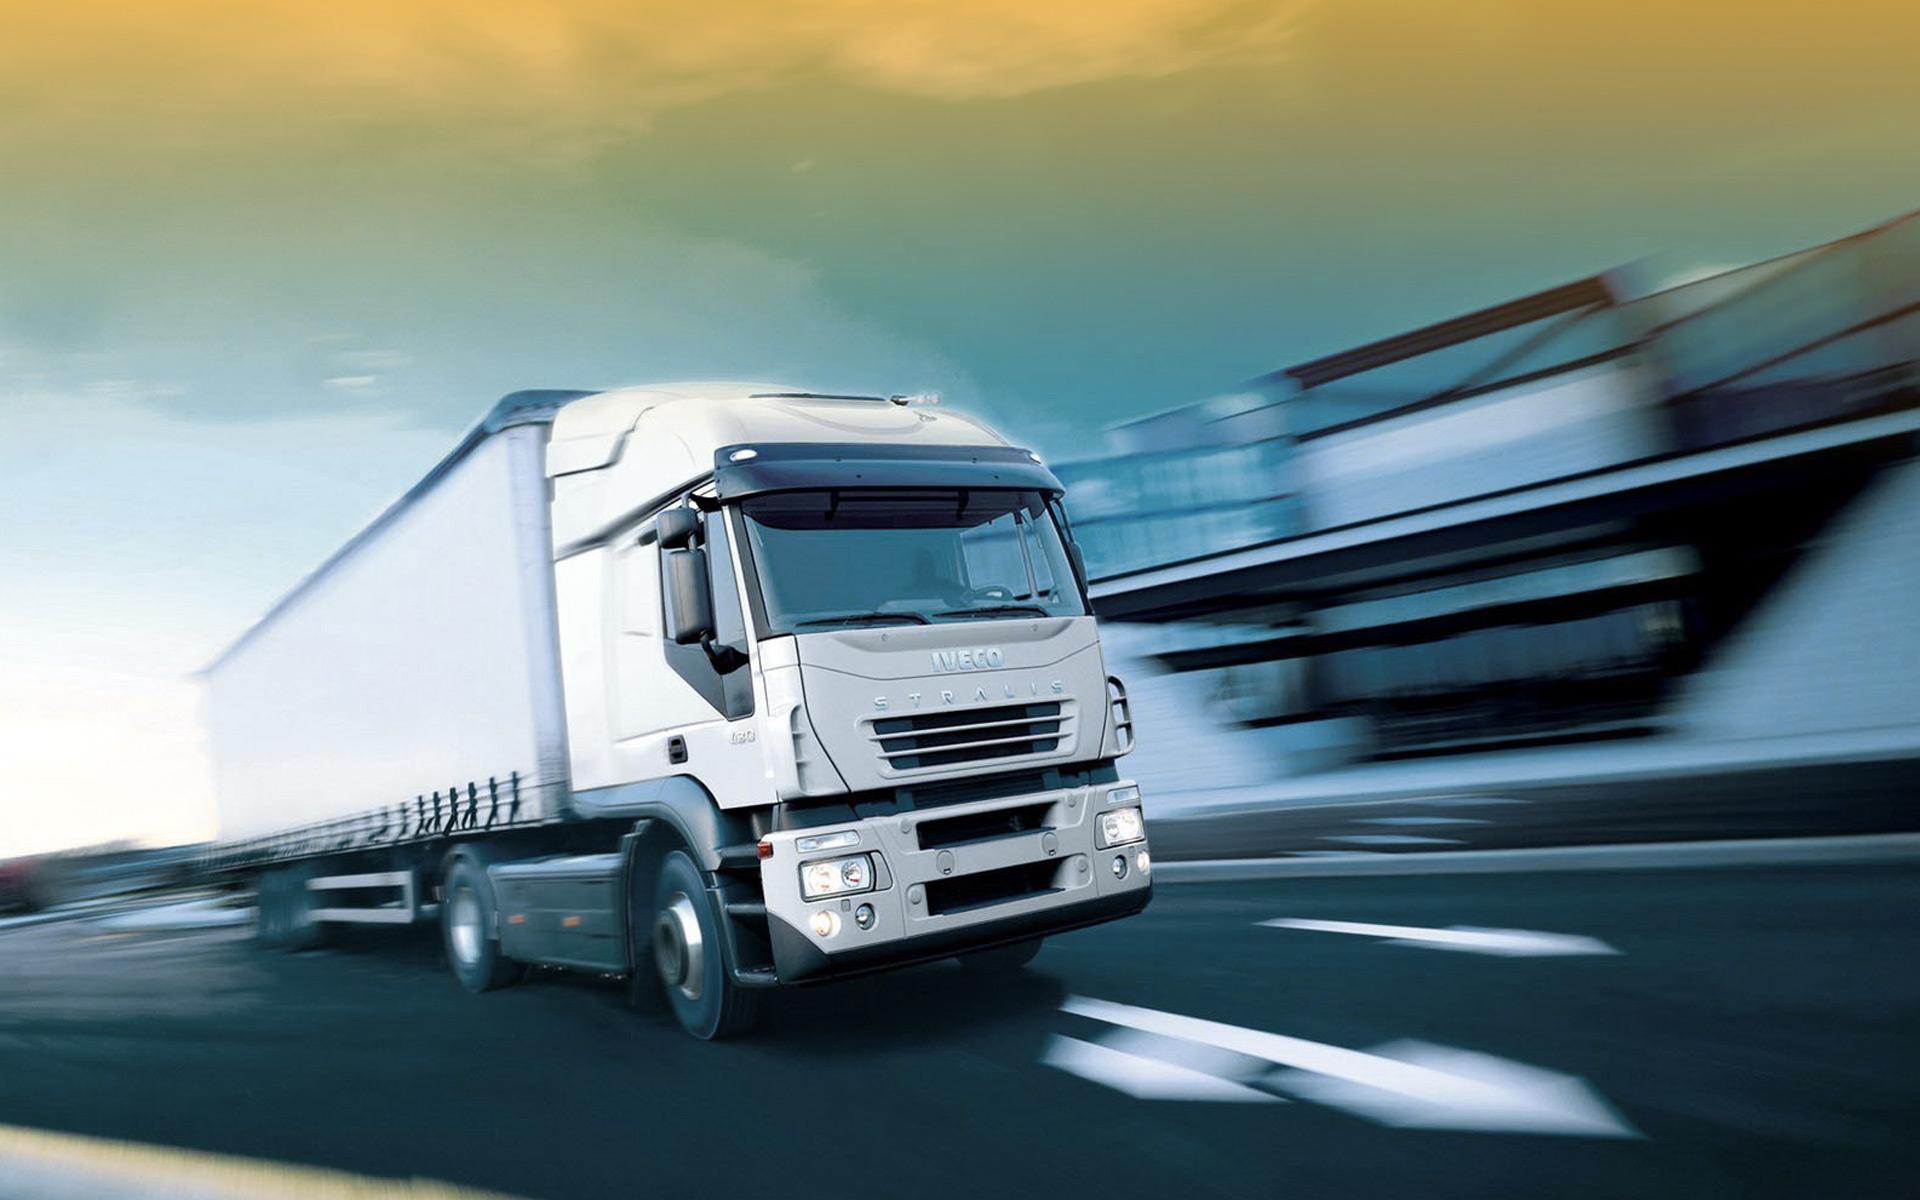 Автомобильная доставка: преимущества и недостатки